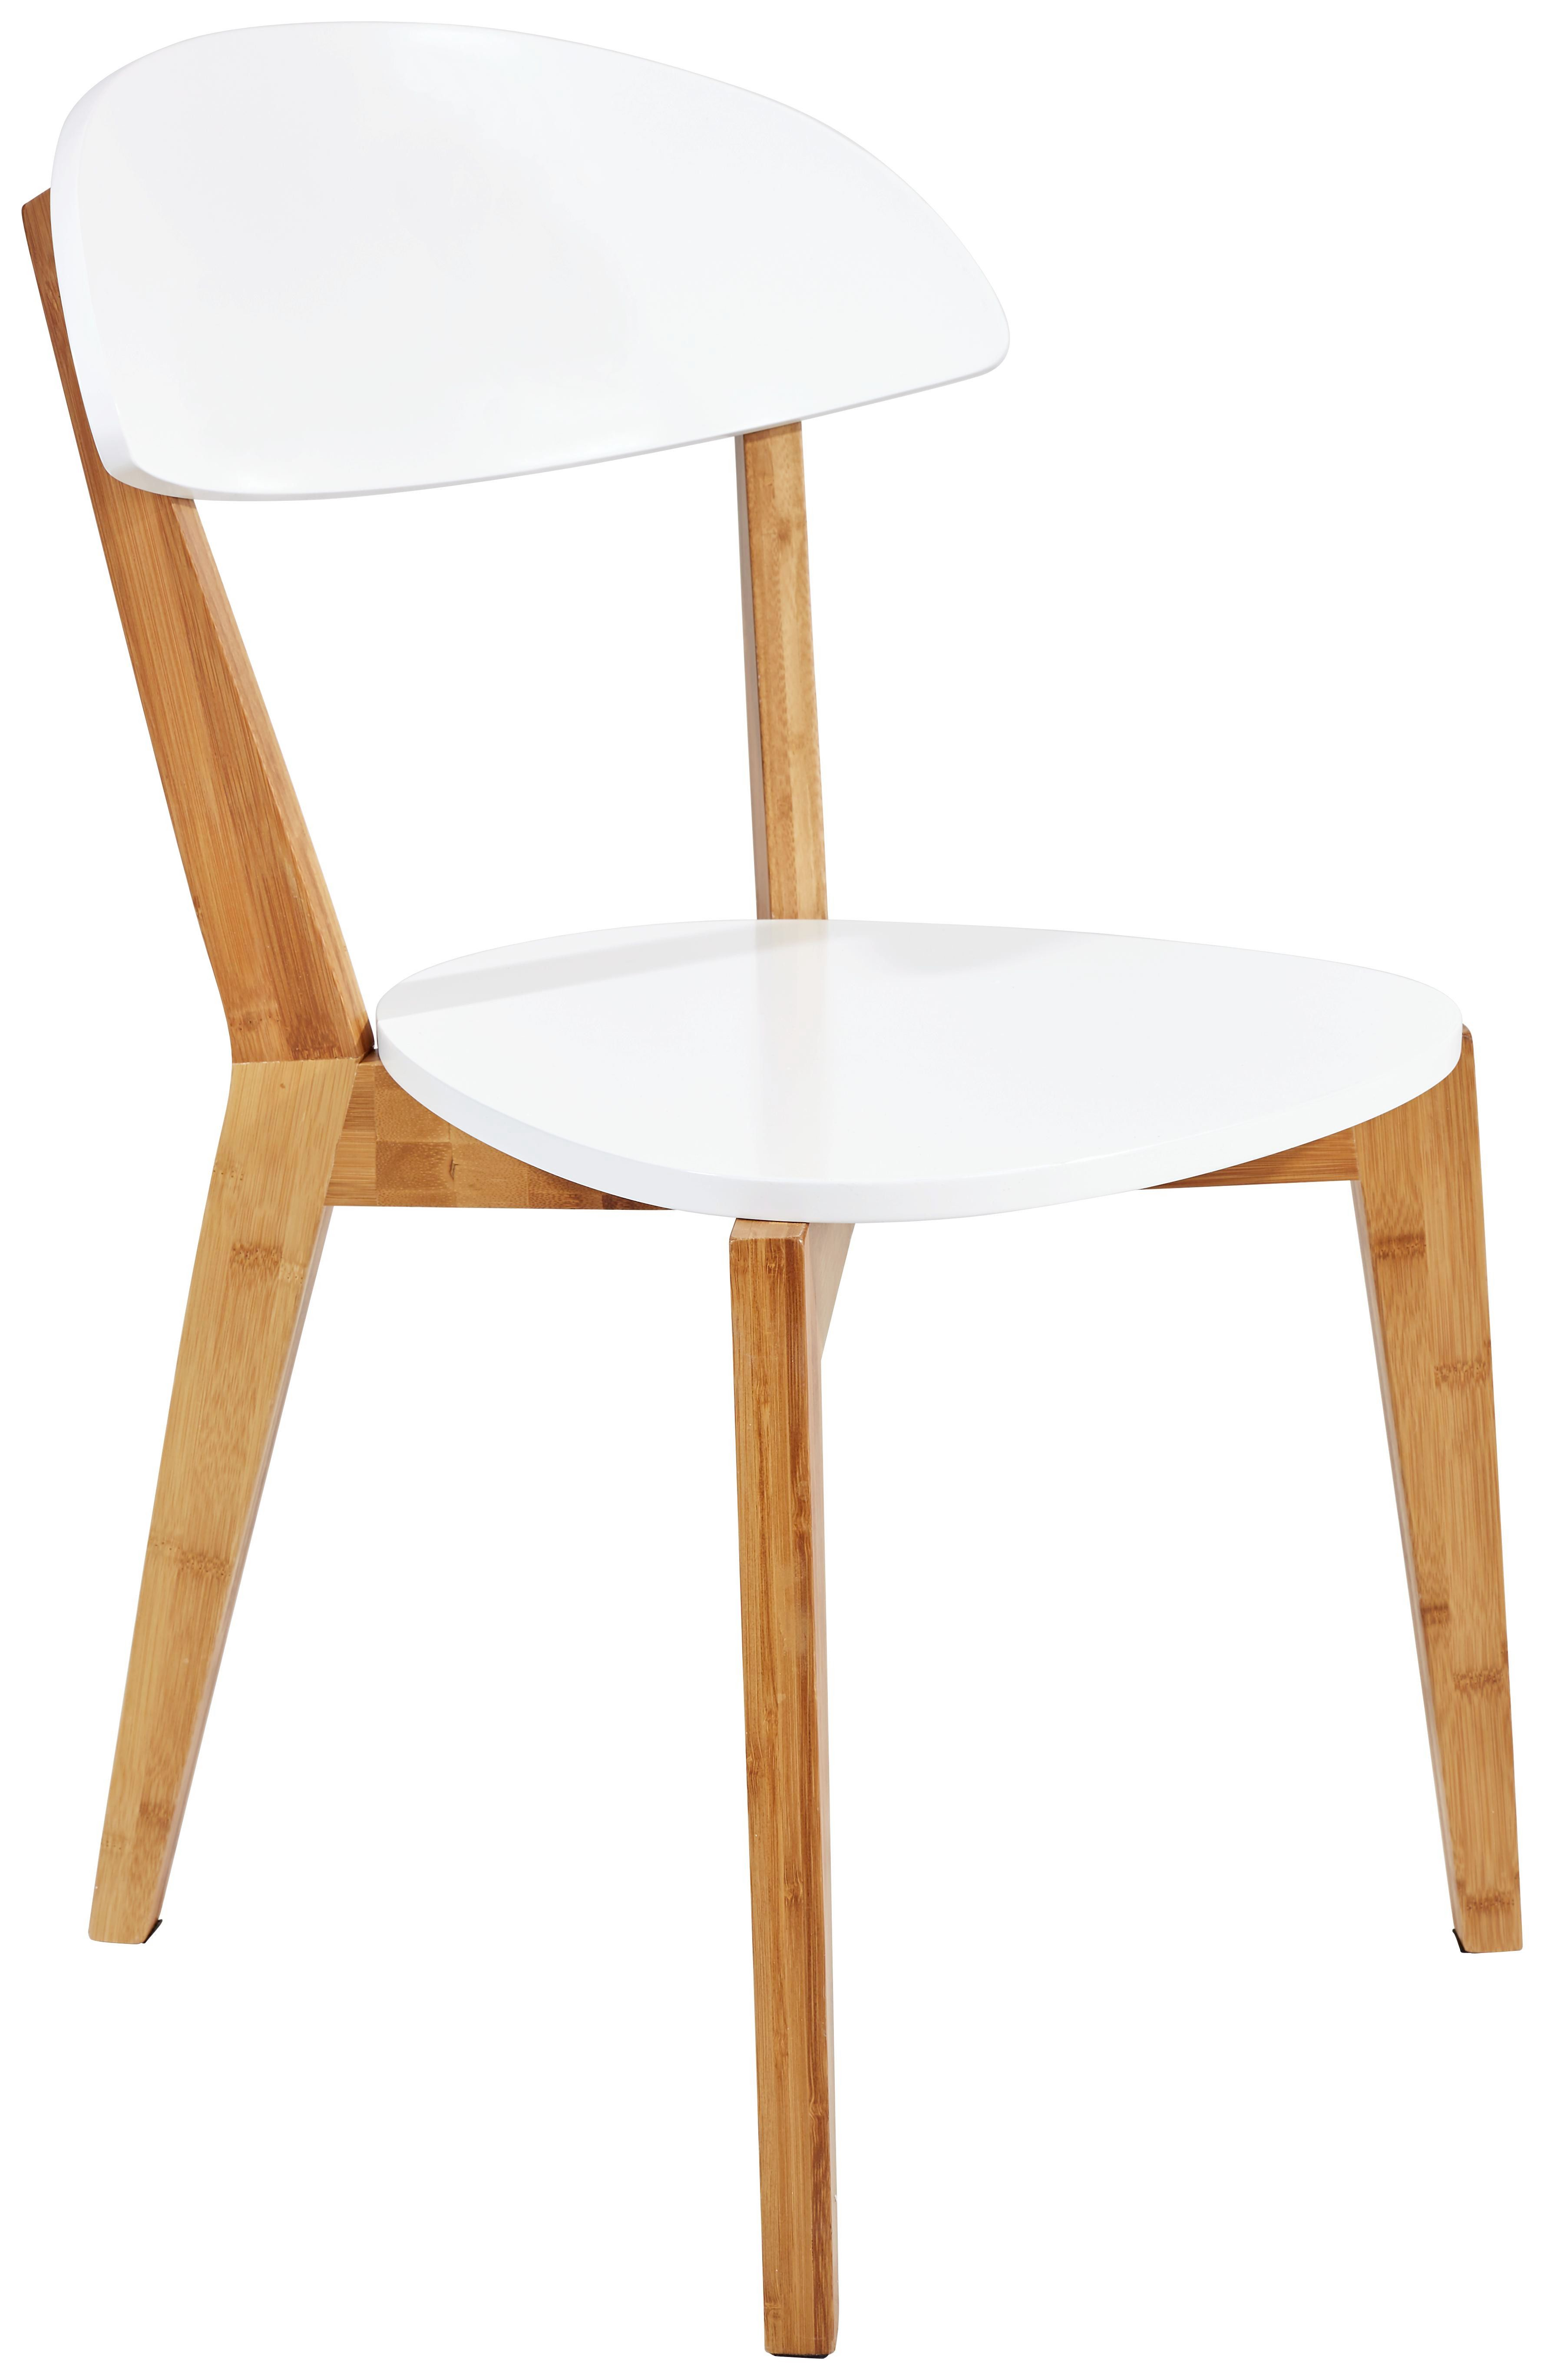 Stuhl Scandi - Braun/Weiß, MODERN, Holz/Holzwerkstoff (47/81/53cm) - Ombra